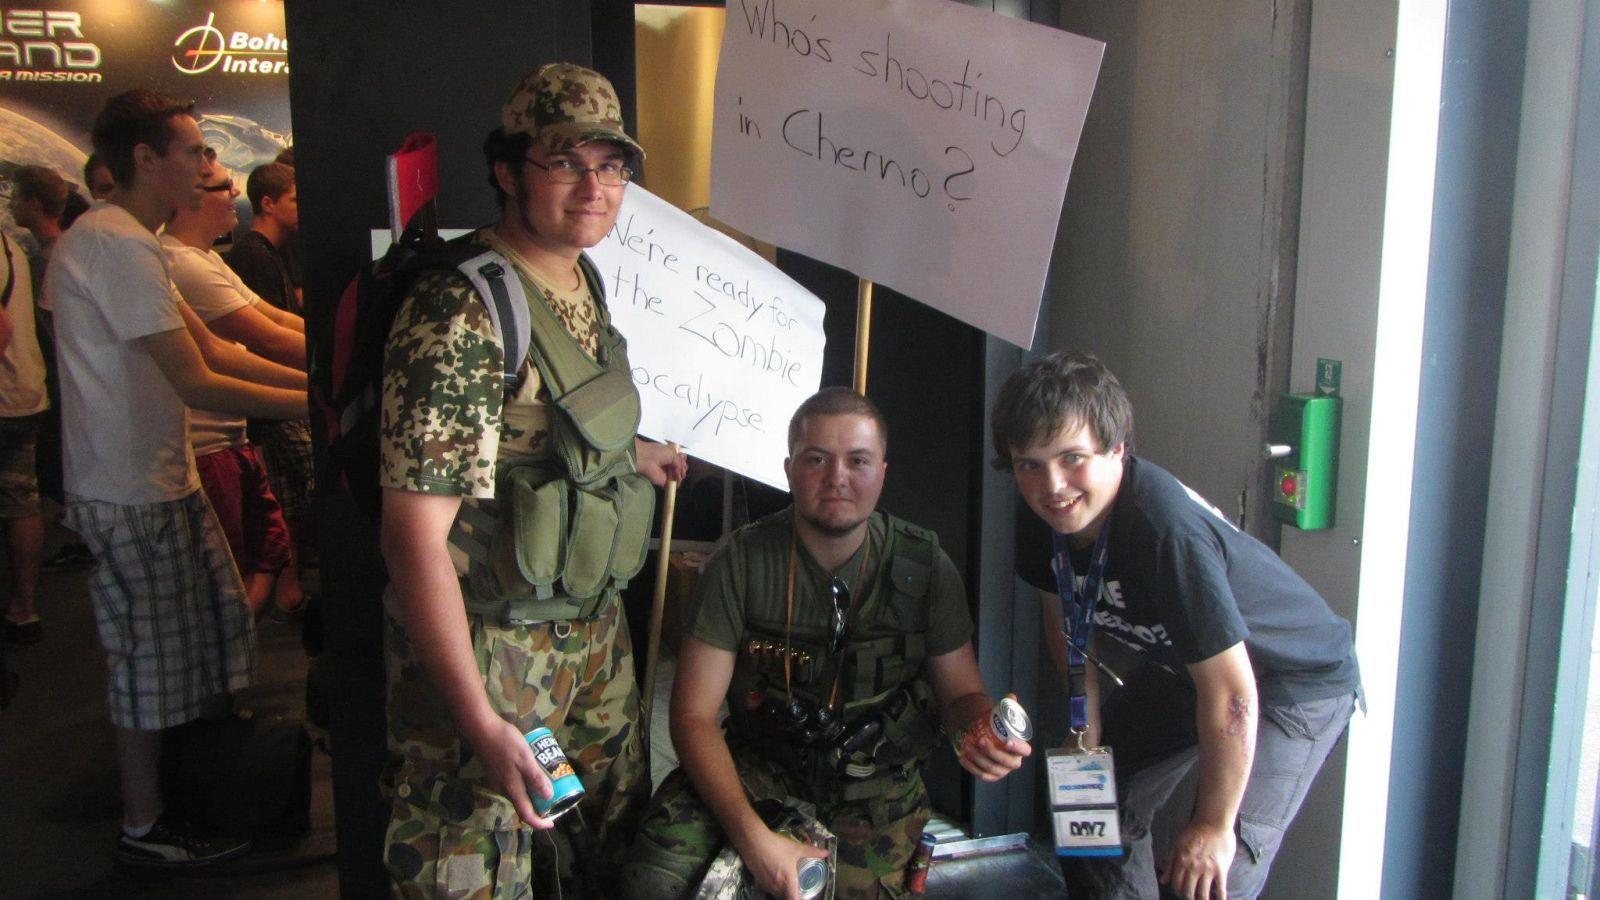 BI stend gamescom 2012 12